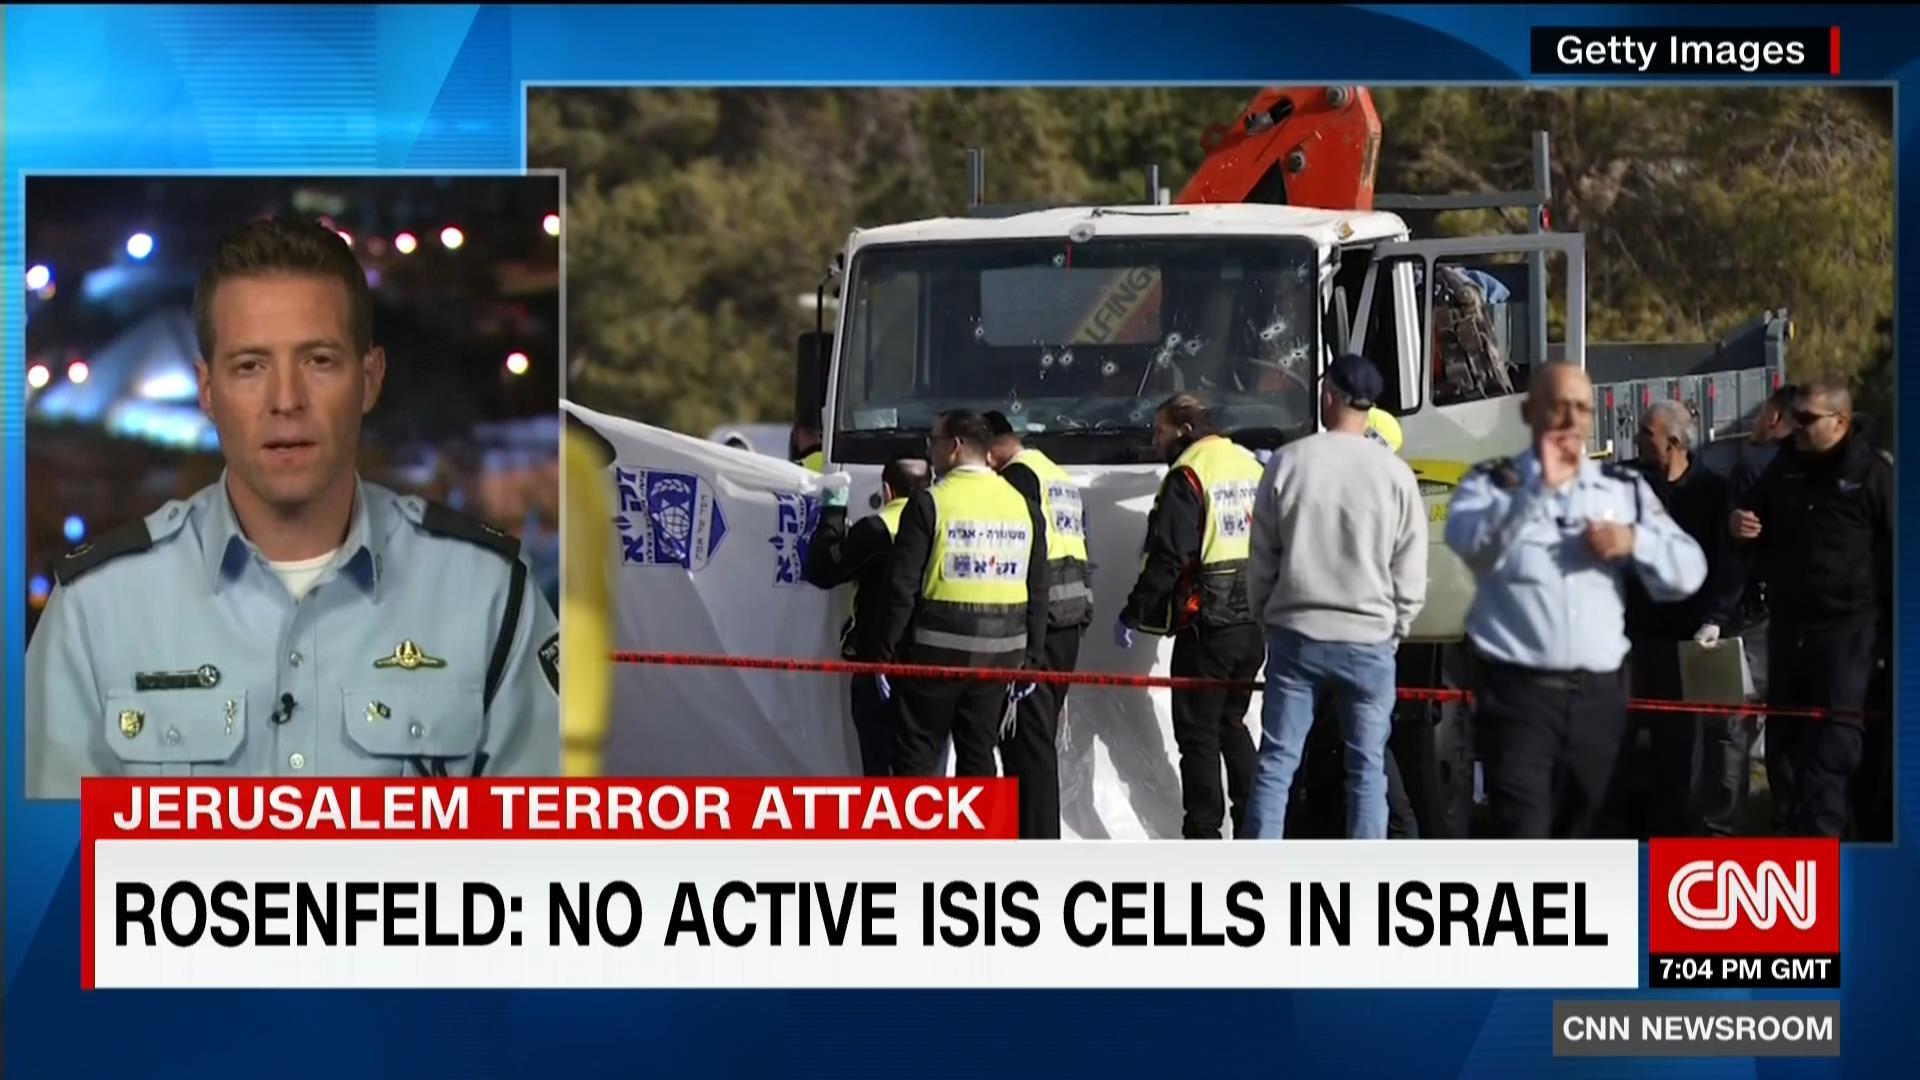 الشرطة الإسرائيلية لـCNN: لا خلايا نشطة لداعش في إسرائيل